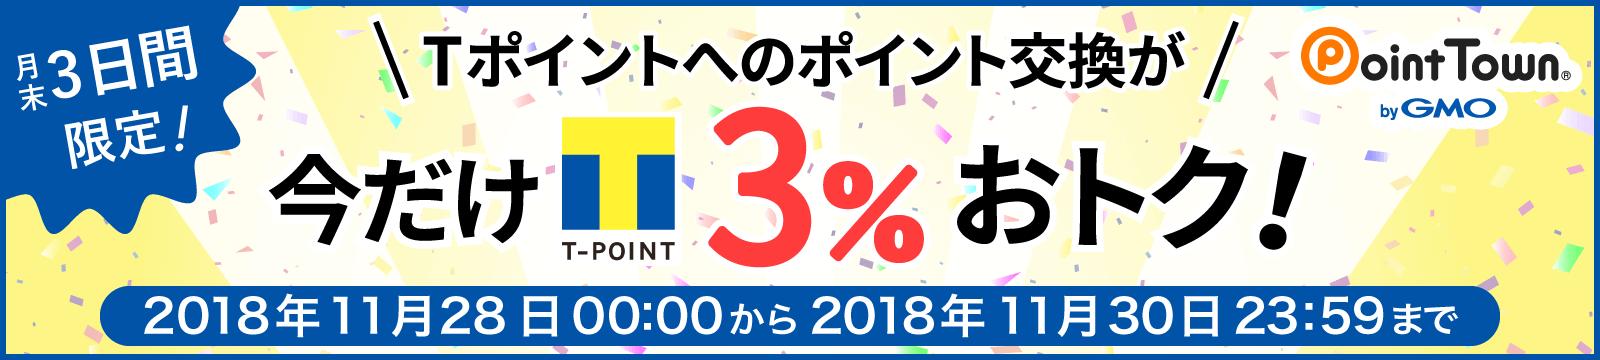 Tpoint-pointtown